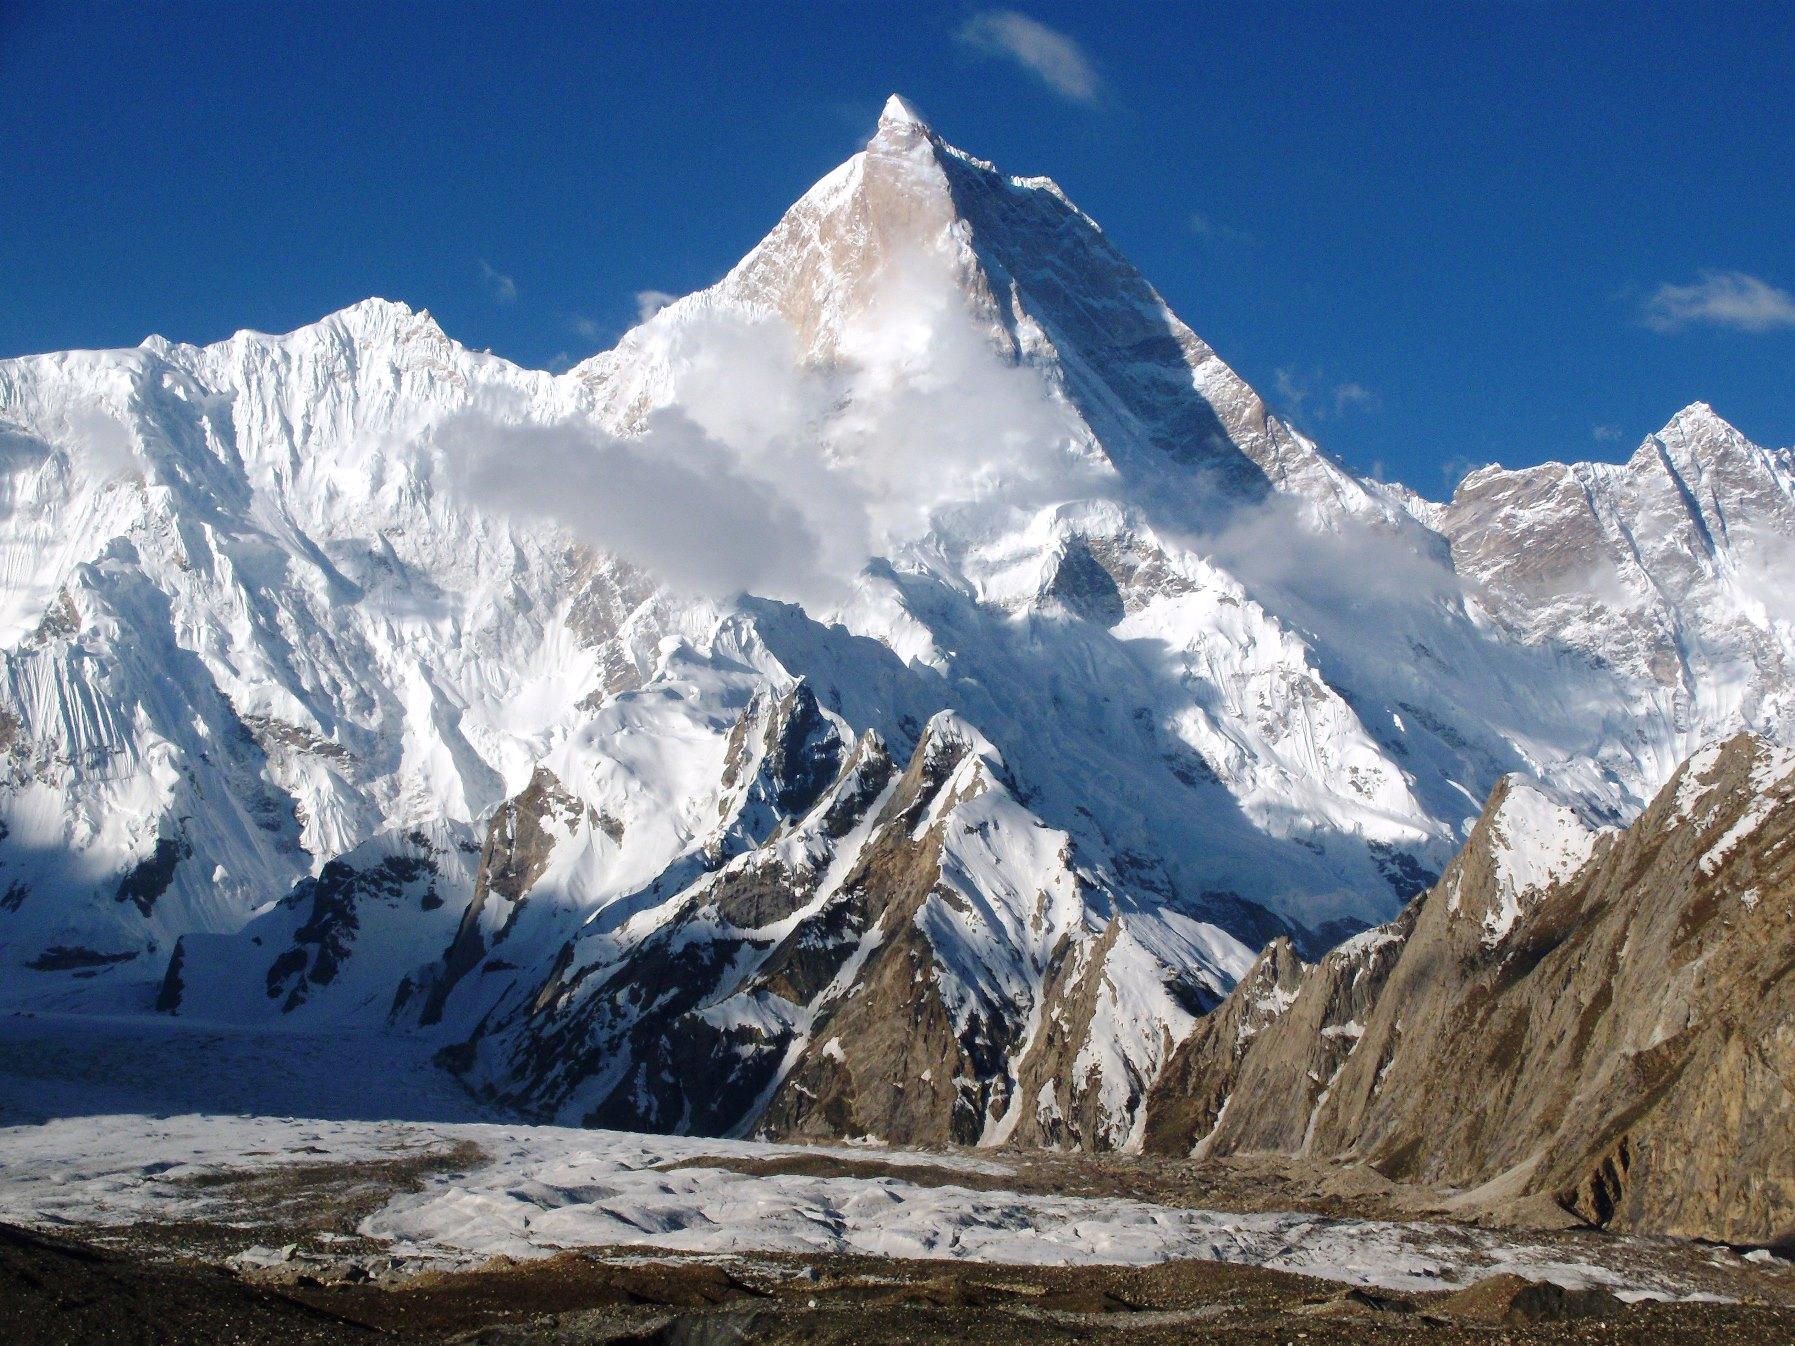 バルトロ氷河沿いからの名峰の数々①マッシャーブルム(7,821m)